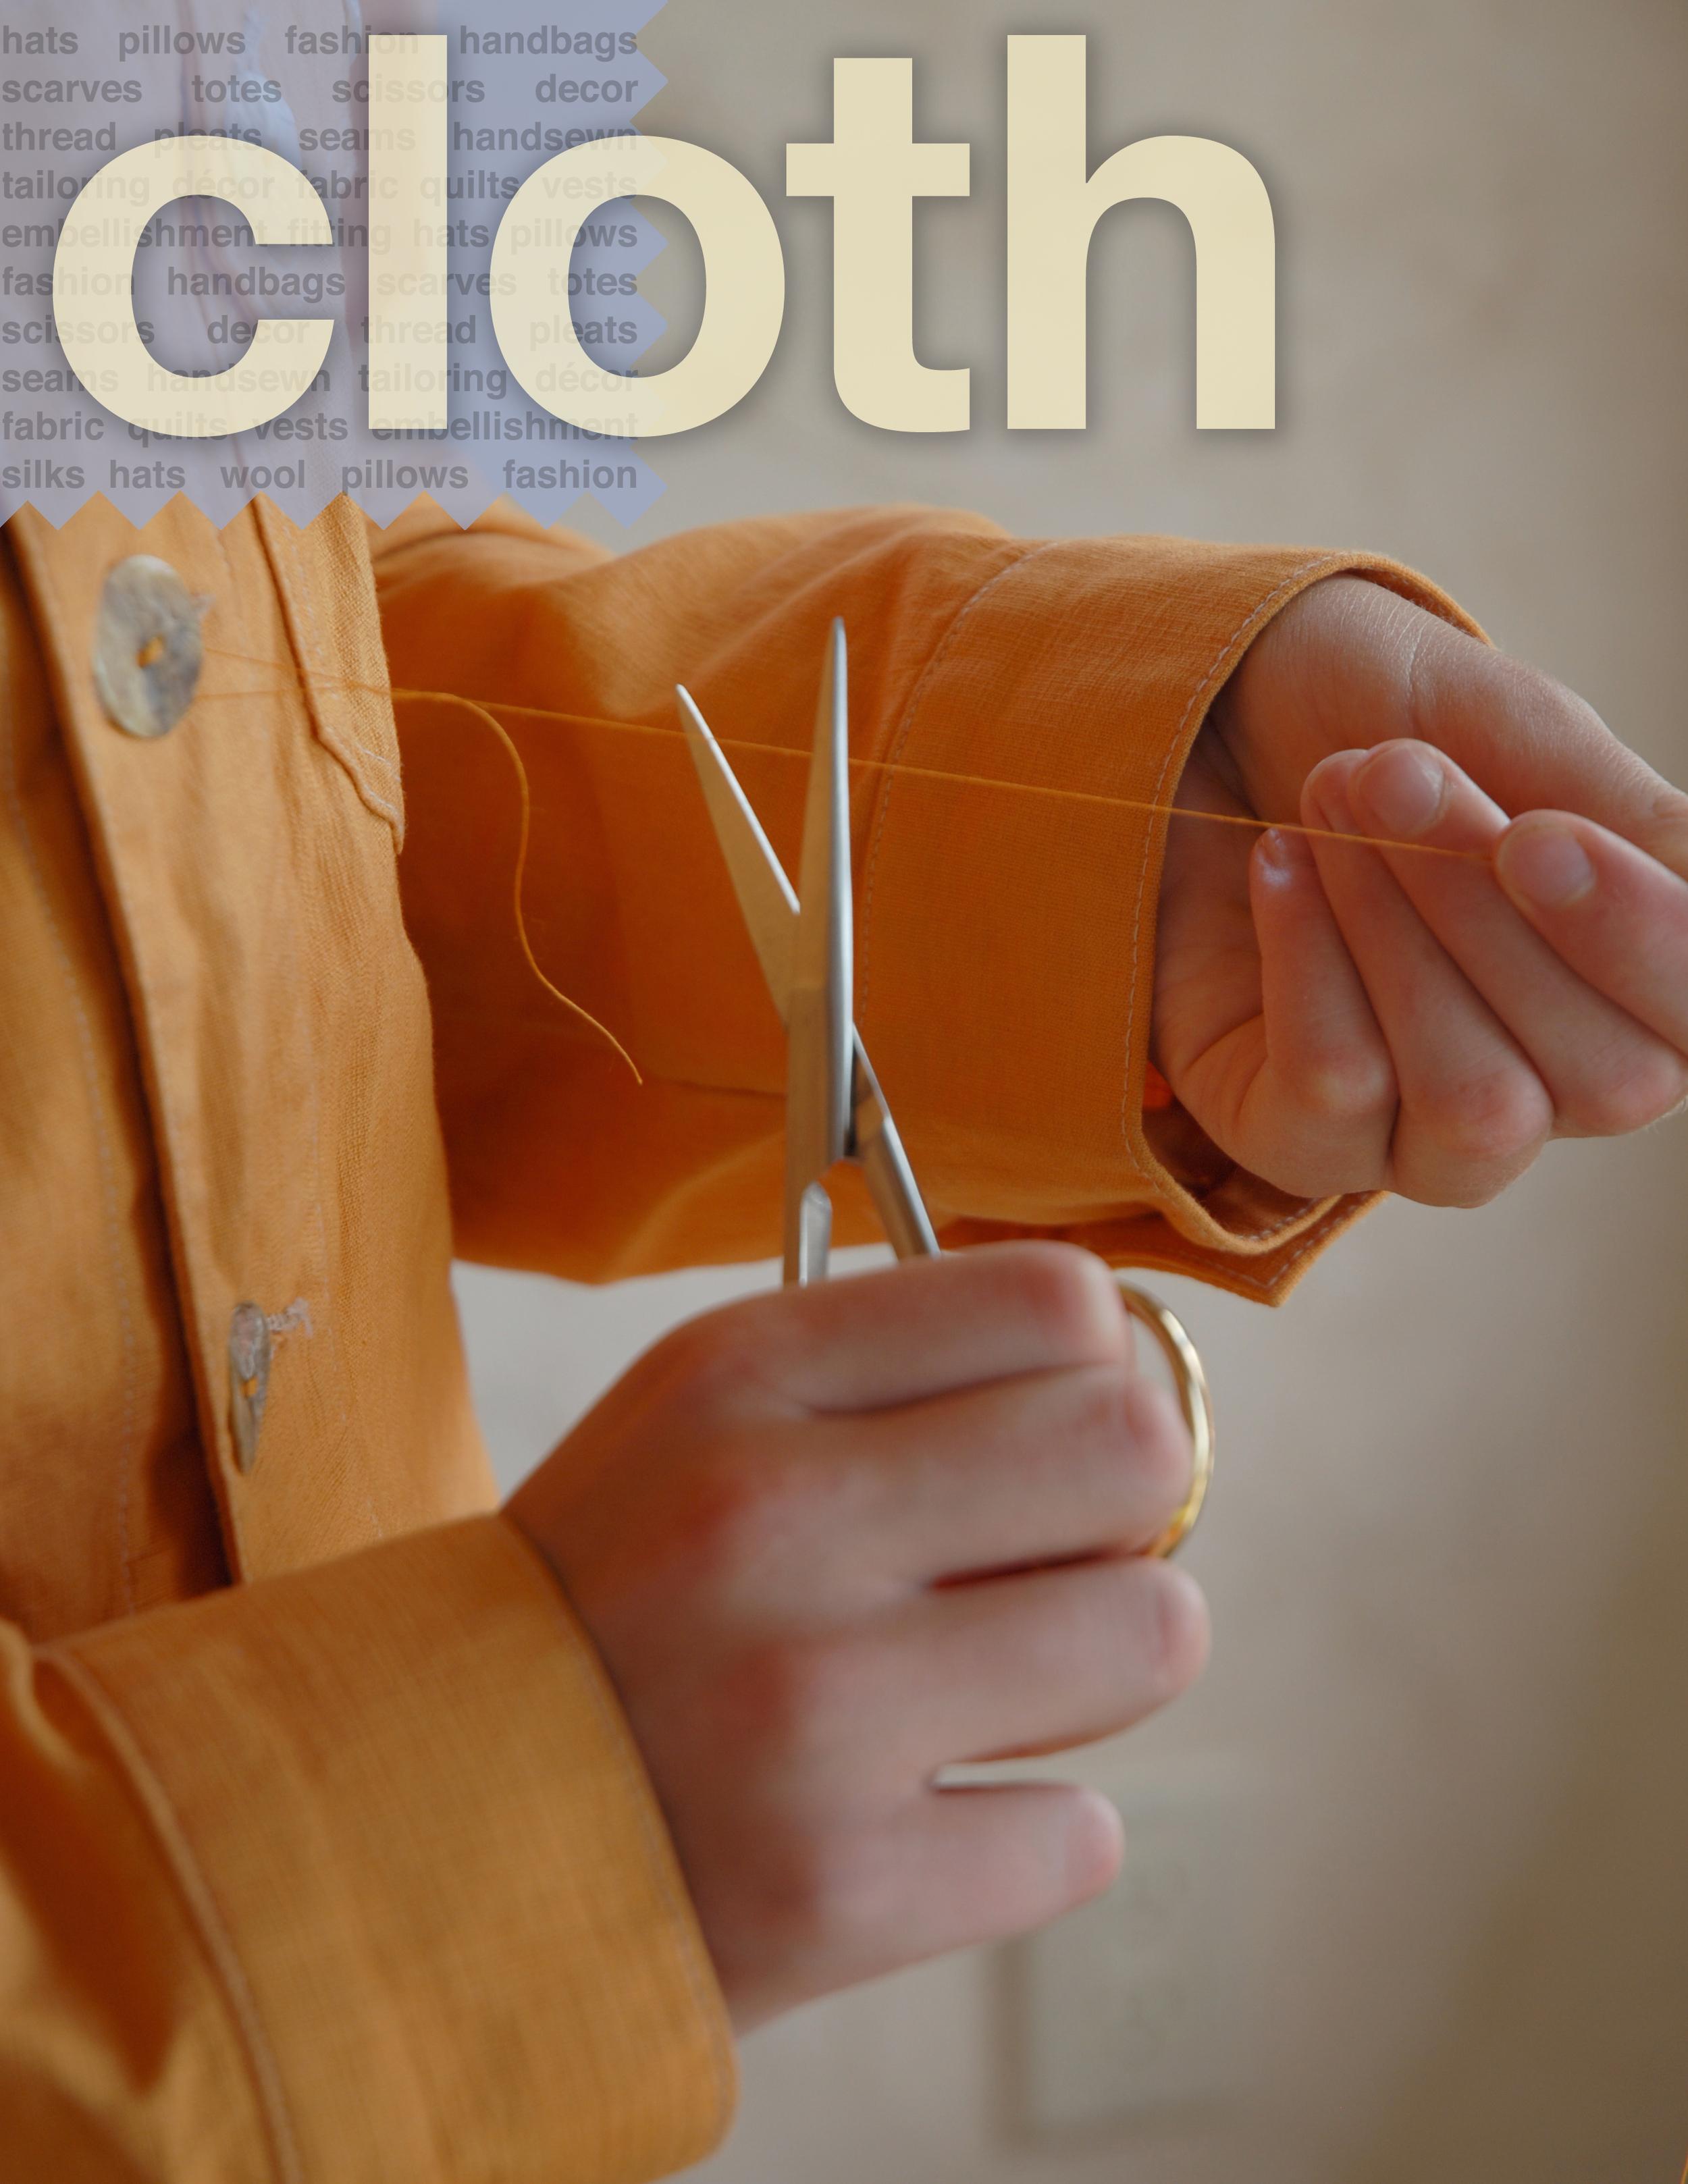 cloth cover cut thread.jpg